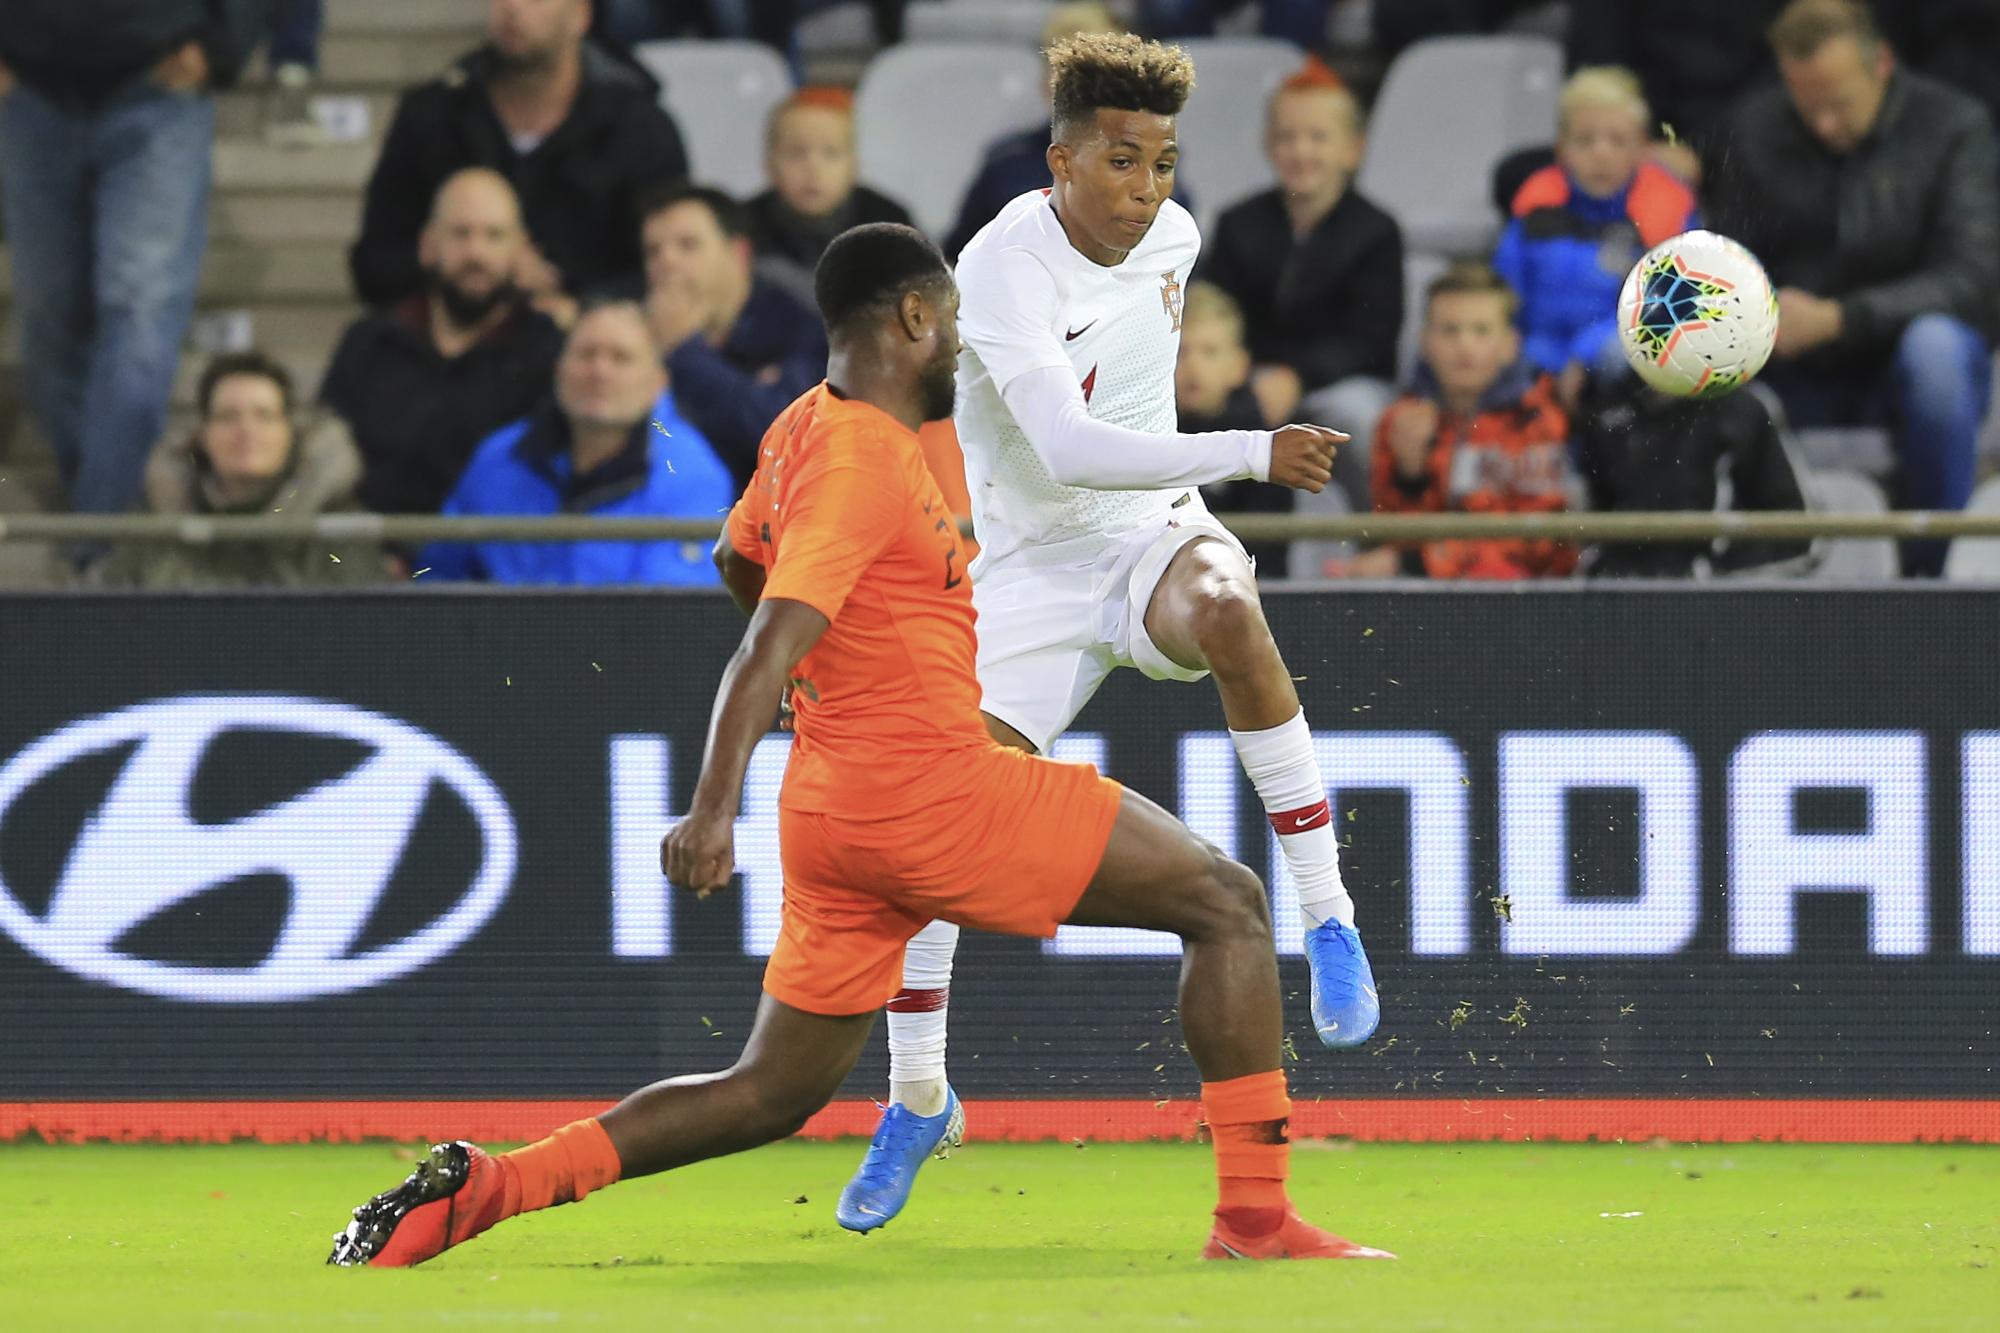 Oranje-vs-Portugal-7.jpg